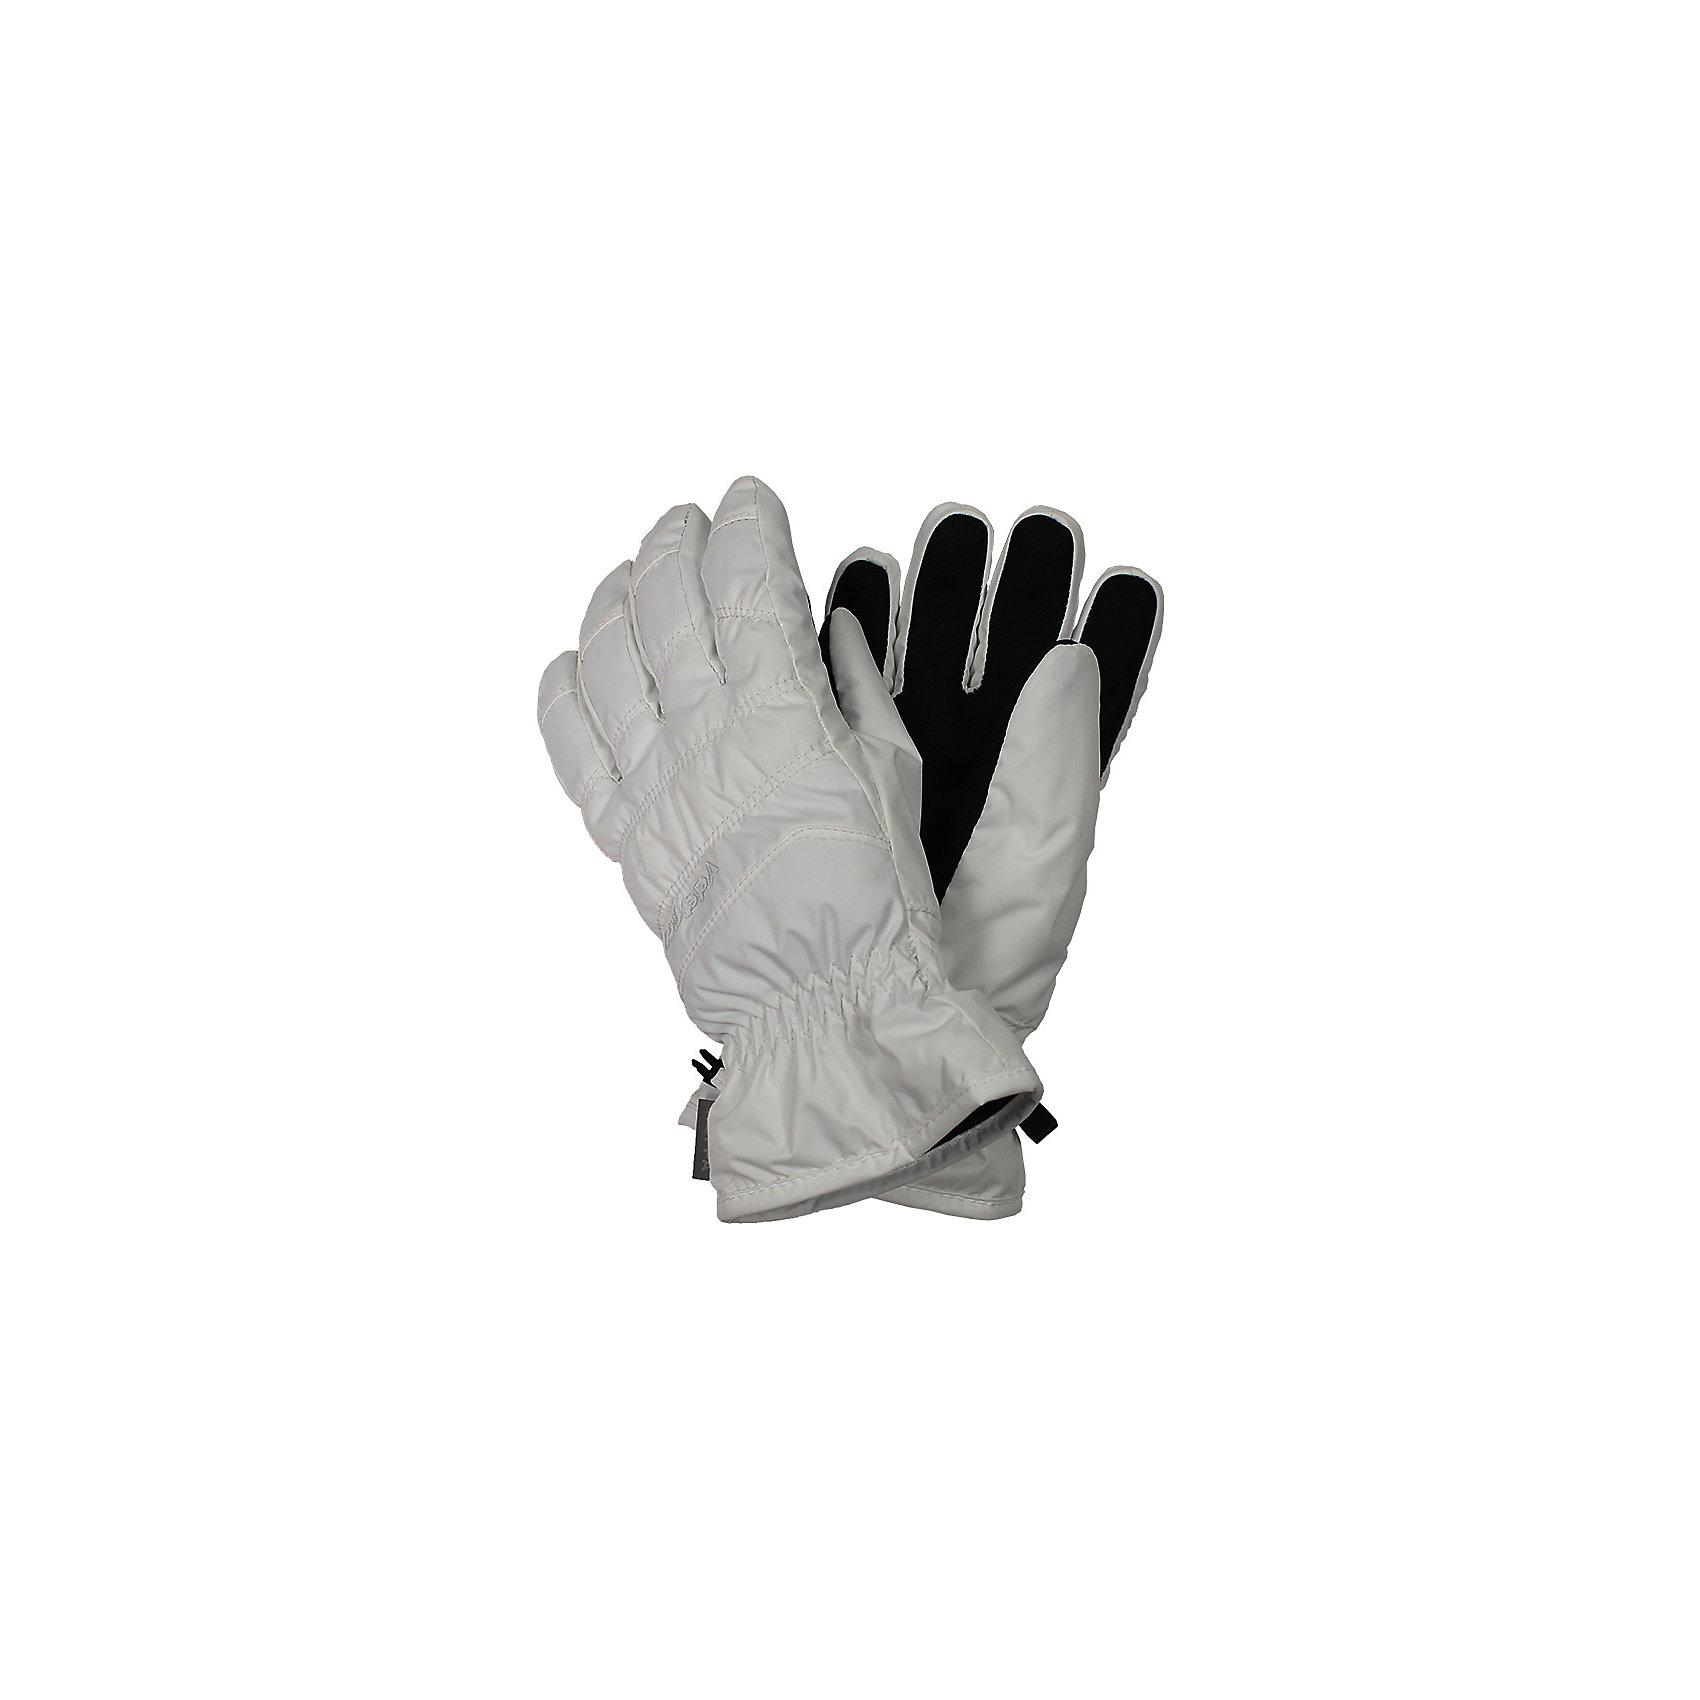 Перчатки Huppa RadfordПерчатки, варежки<br>Характеристики товара:<br><br>• модель: Radford;<br>• цвет: серый;<br>• состав: 100% полиэстер; <br>• подкладка: 100% полиэстер, флис;<br>• утеплитель: синтетический пух;<br>• сезон: зима;<br>• температурный режим: от 0°С до -20°С;<br>• водонепроницаемость: 5000 мм;<br>• воздухопроницаемость: 5000 мм;<br>• водо- и ветронепроницаемый, дышащий материал;<br>• усиленная вставка на ладони;<br>• светоотражающие детали;<br>• страна бренда: Финляндия;<br>• страна изготовитель: Эстония.<br><br>Теплые зимние перчатки на флисовой подкладке. Материал водонепроницаем, что позволит сохранить ручки сухими. Перчатки с усилением на ладони.<br><br>Перчатки Huppa Radford (Хуппа) можно купить в нашем интернет-магазине.<br><br>Ширина мм: 162<br>Глубина мм: 171<br>Высота мм: 55<br>Вес г: 119<br>Цвет: белый<br>Возраст от месяцев: 108<br>Возраст до месяцев: 132<br>Пол: Унисекс<br>Возраст: Детский<br>Размер: 8,4,6<br>SKU: 7024214